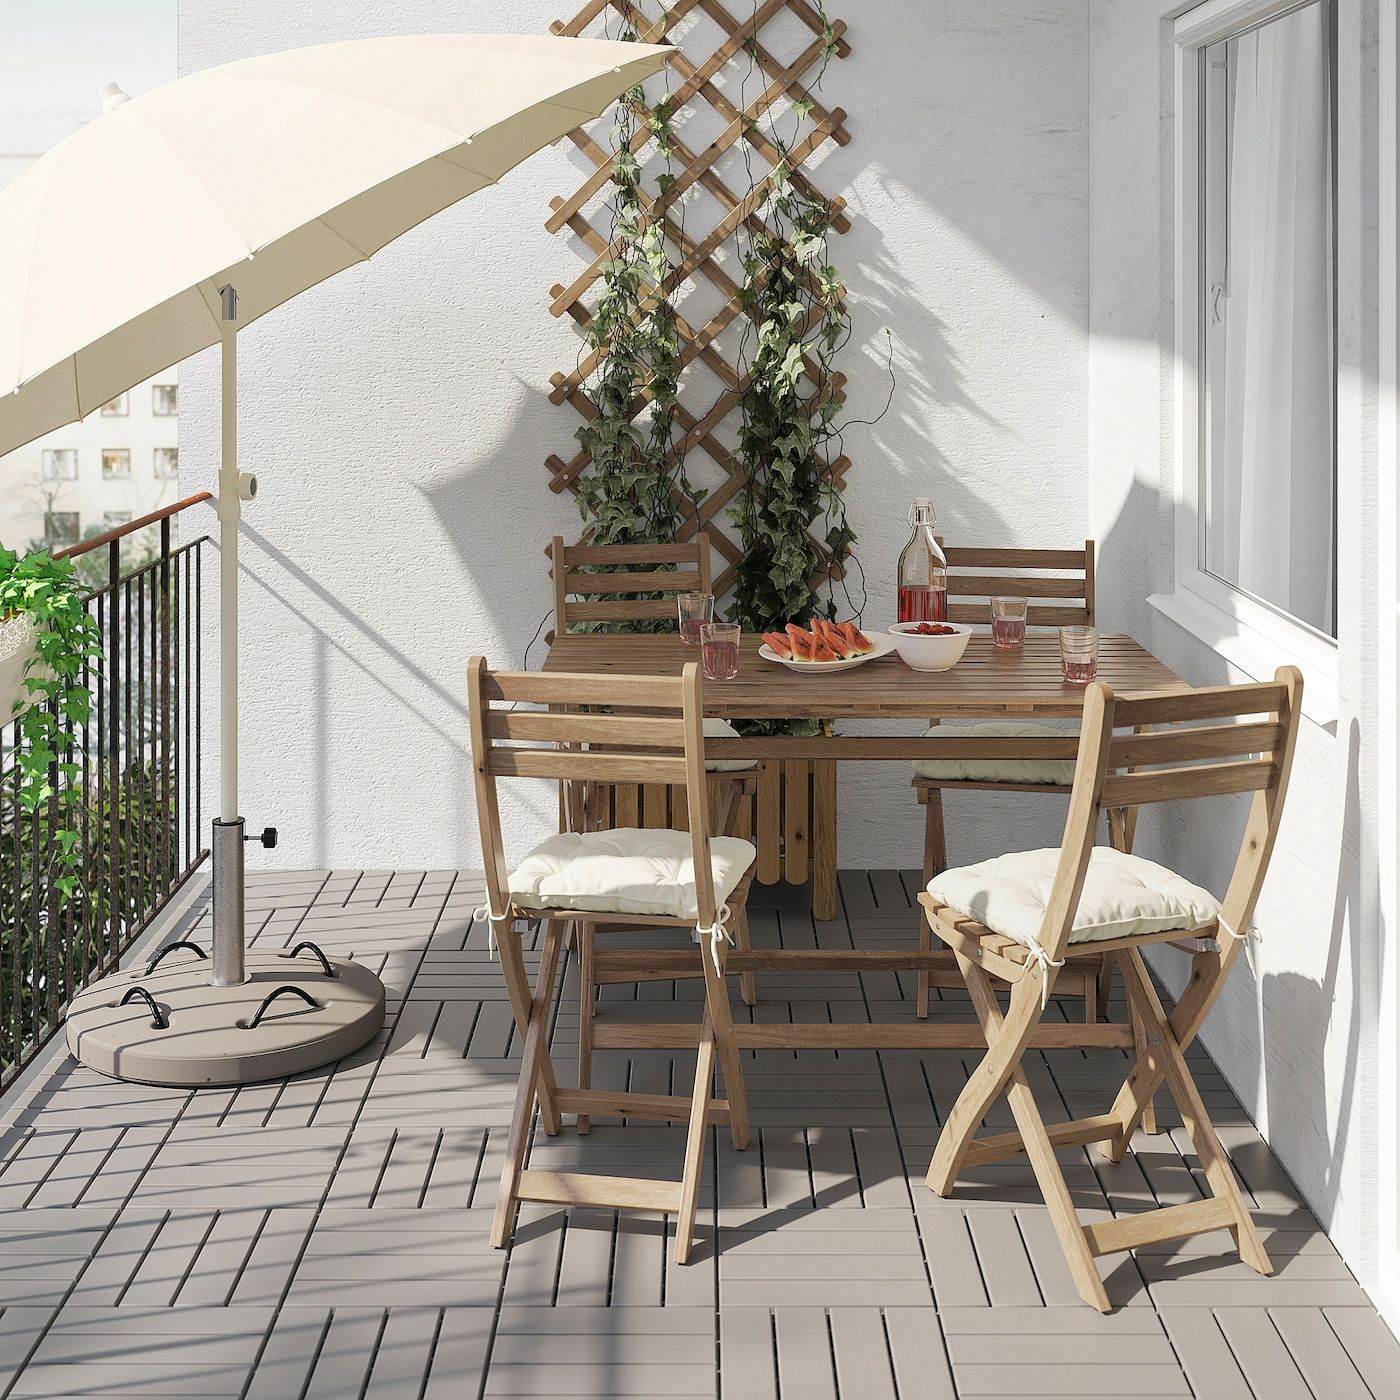 Askholmen Tisch 4 Klappstuhle Aussen Graubraun Lasiert Kuddarna Beige Ikea Osterreich In 2020 Outdoor Folding Chairs Folding Chair Wooden Outdoor Furniture